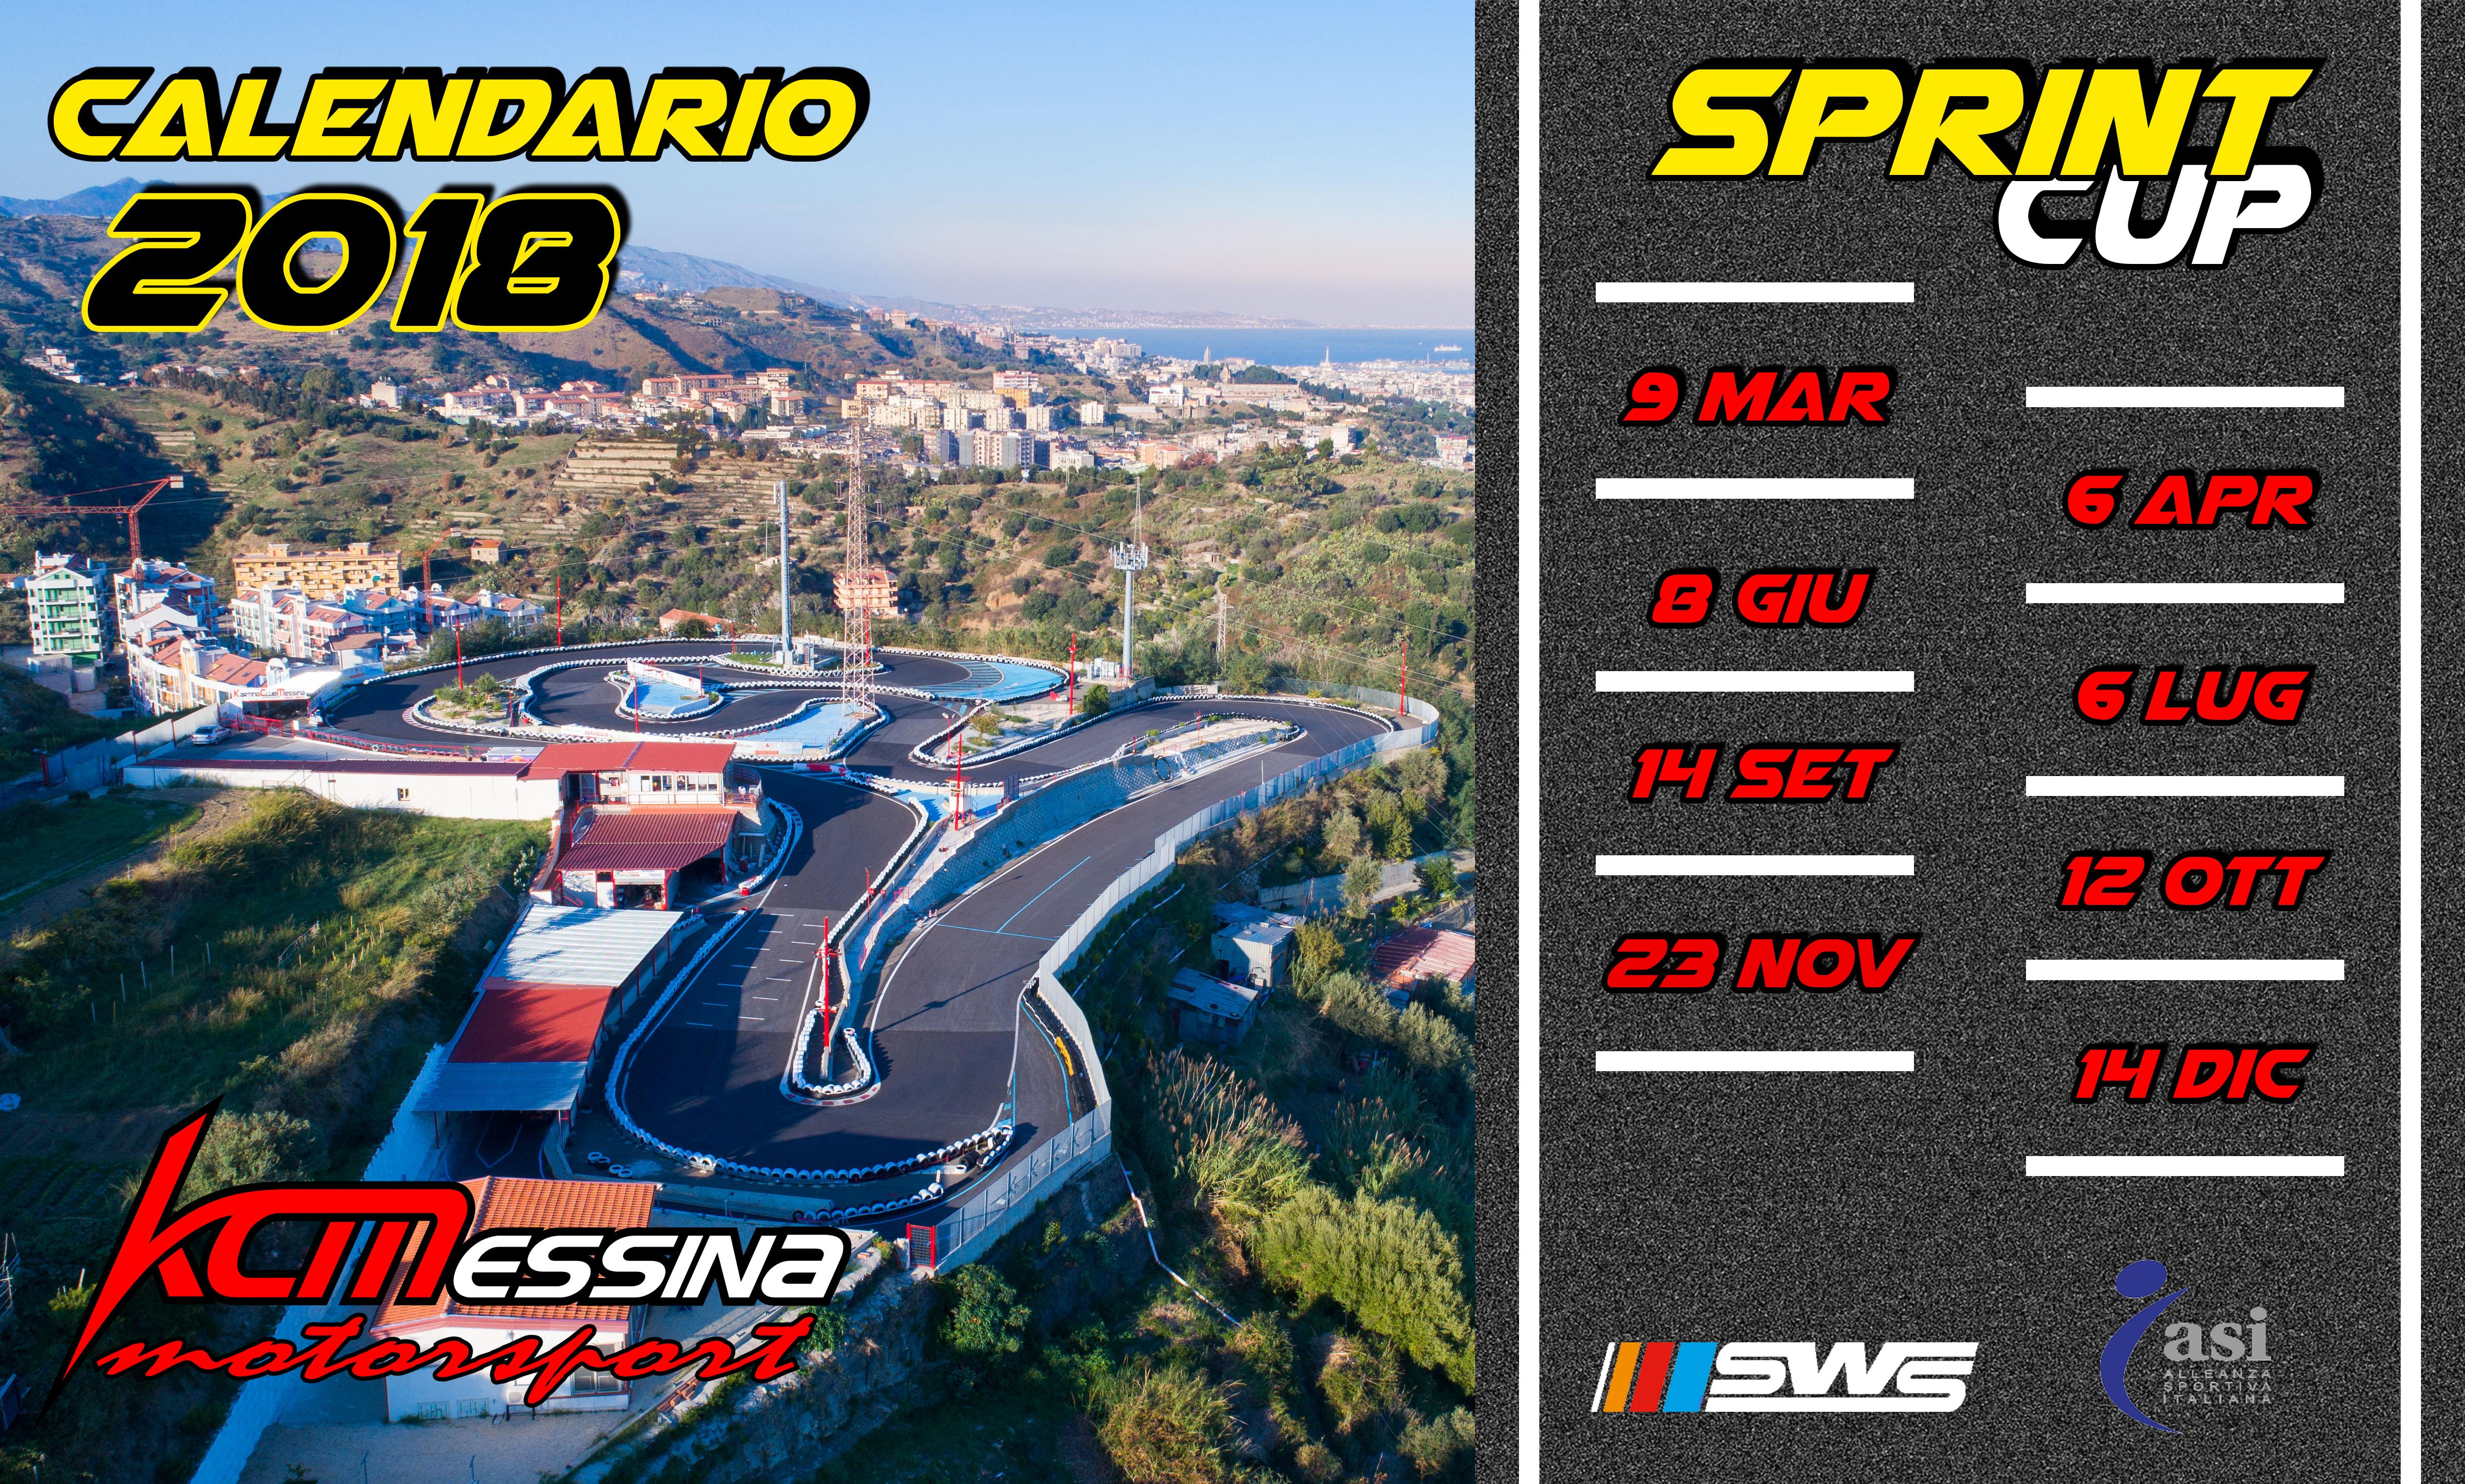 Calendario sprint